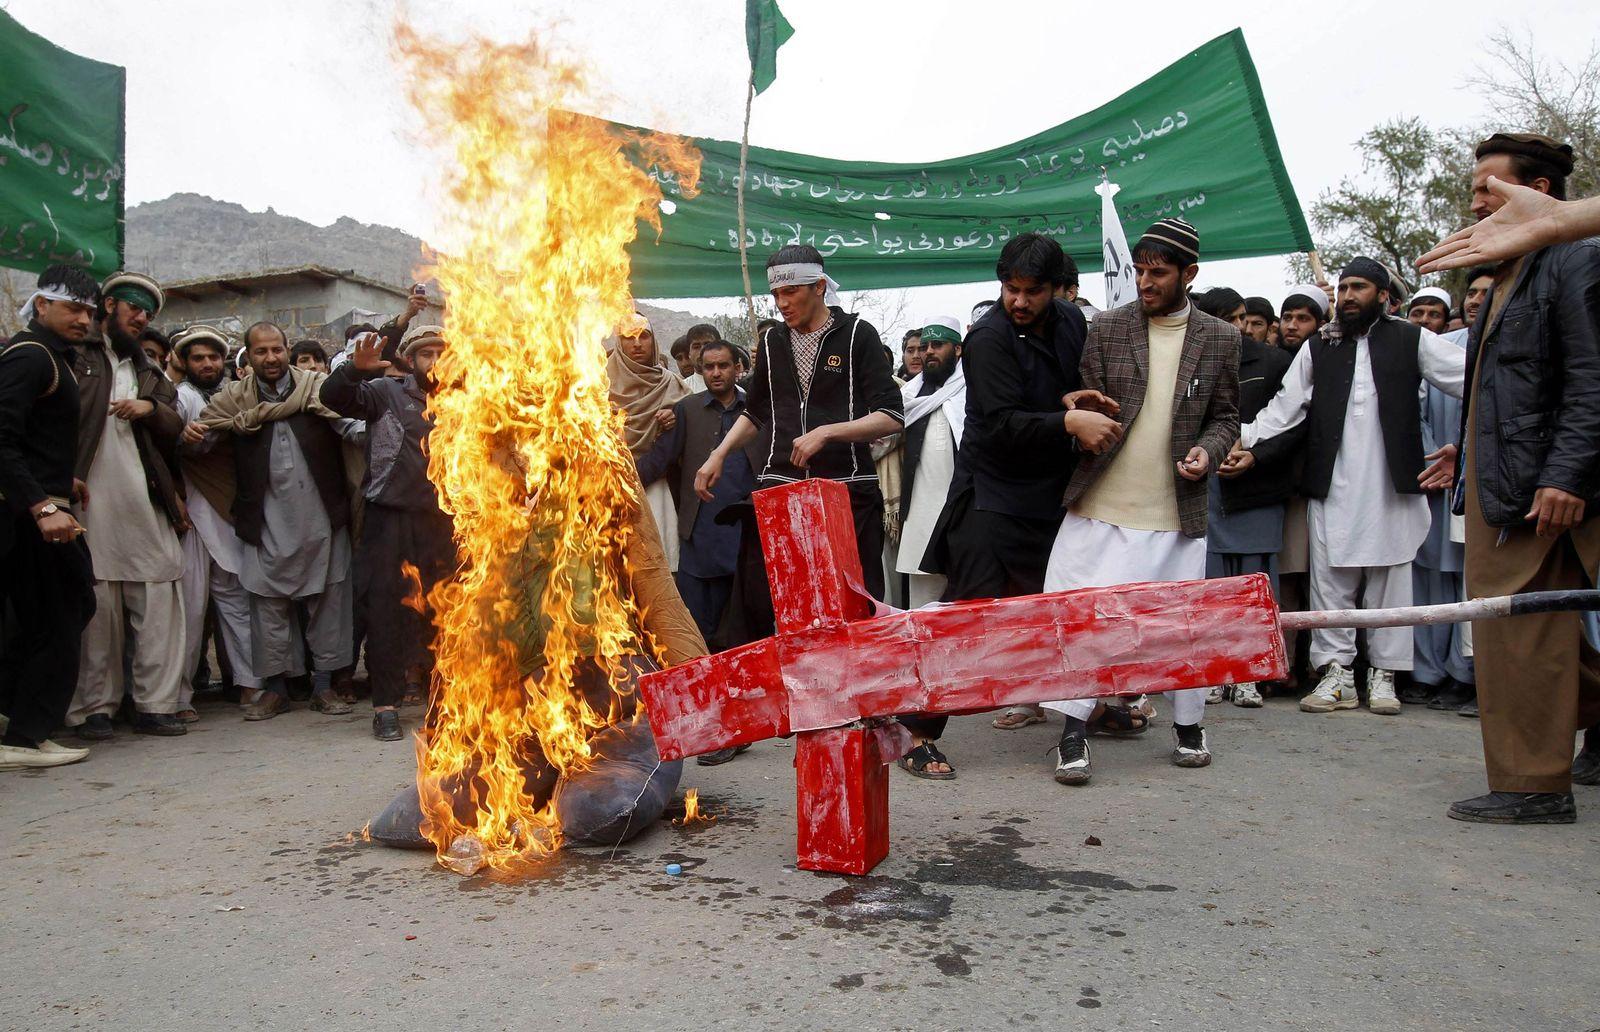 AFGHANISTAN-SHOOTINGS/